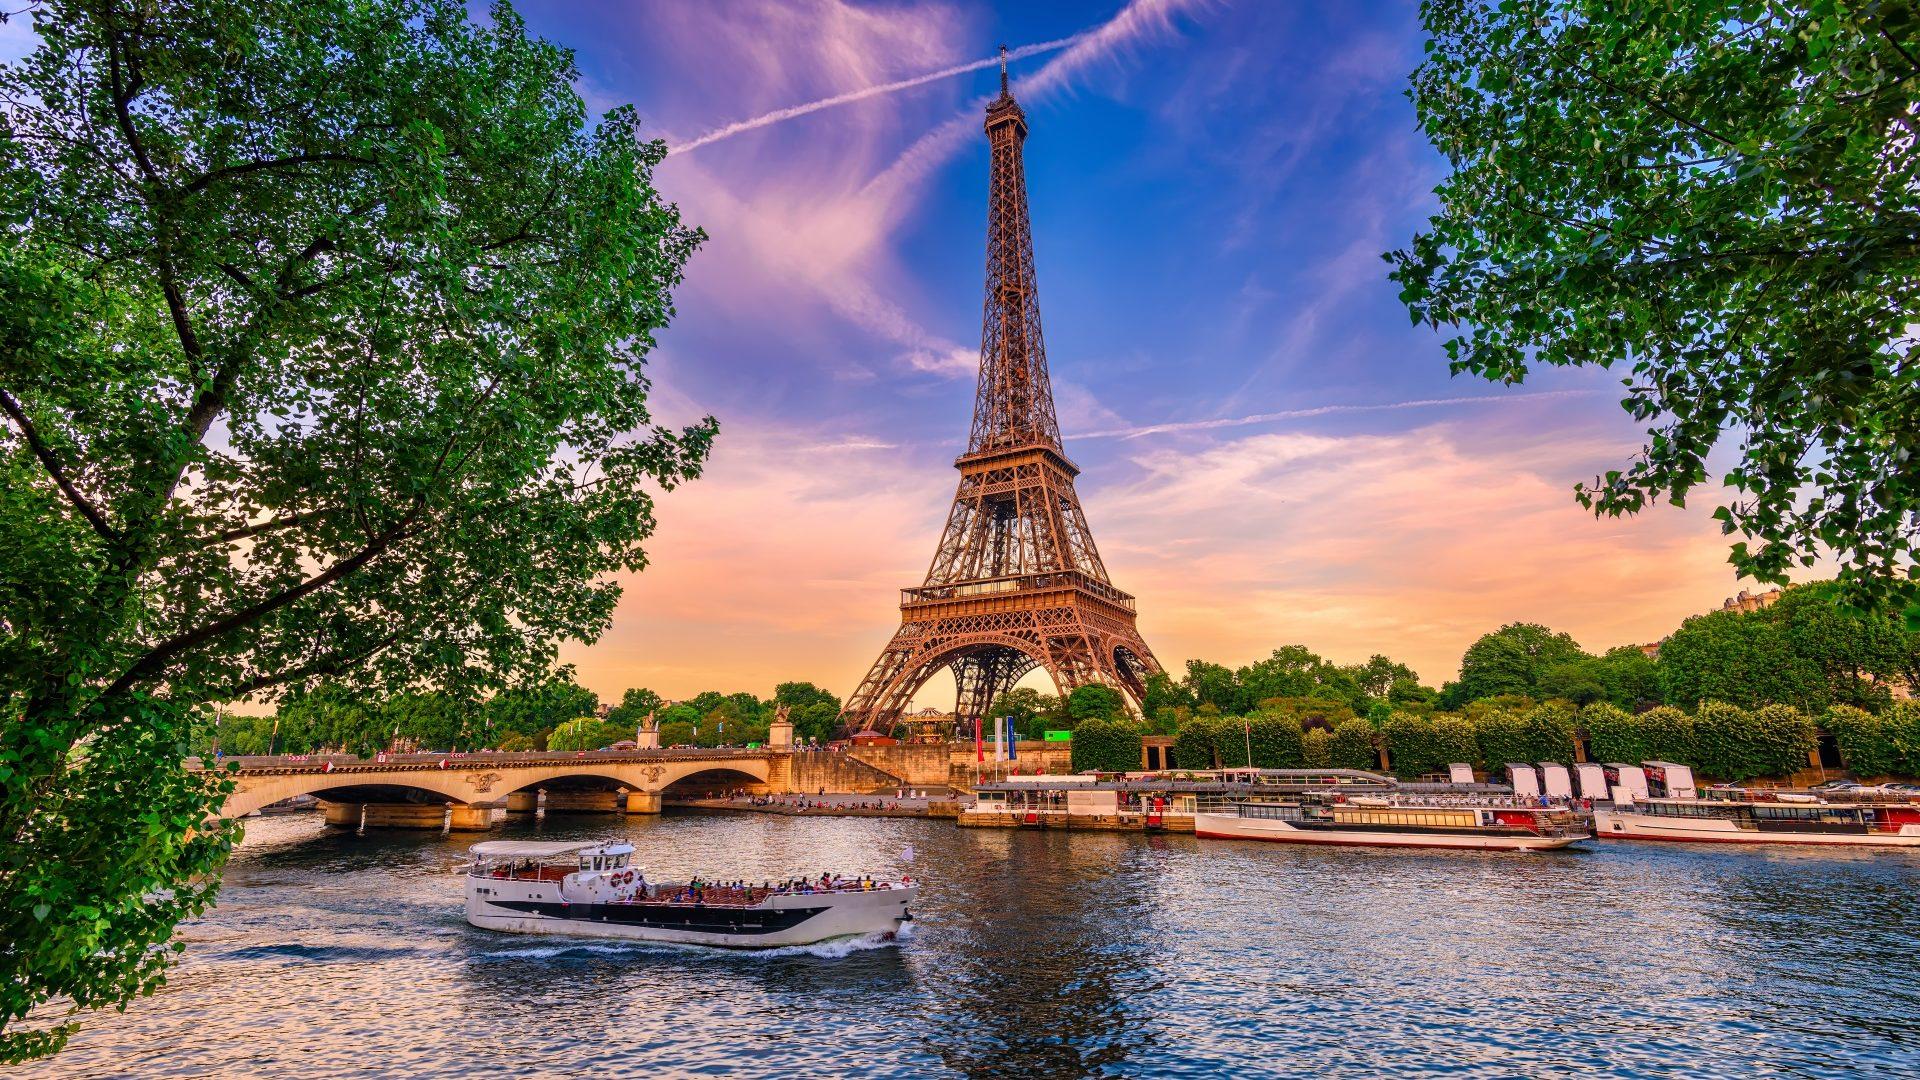 New York (JFK) – Paris (CDG)